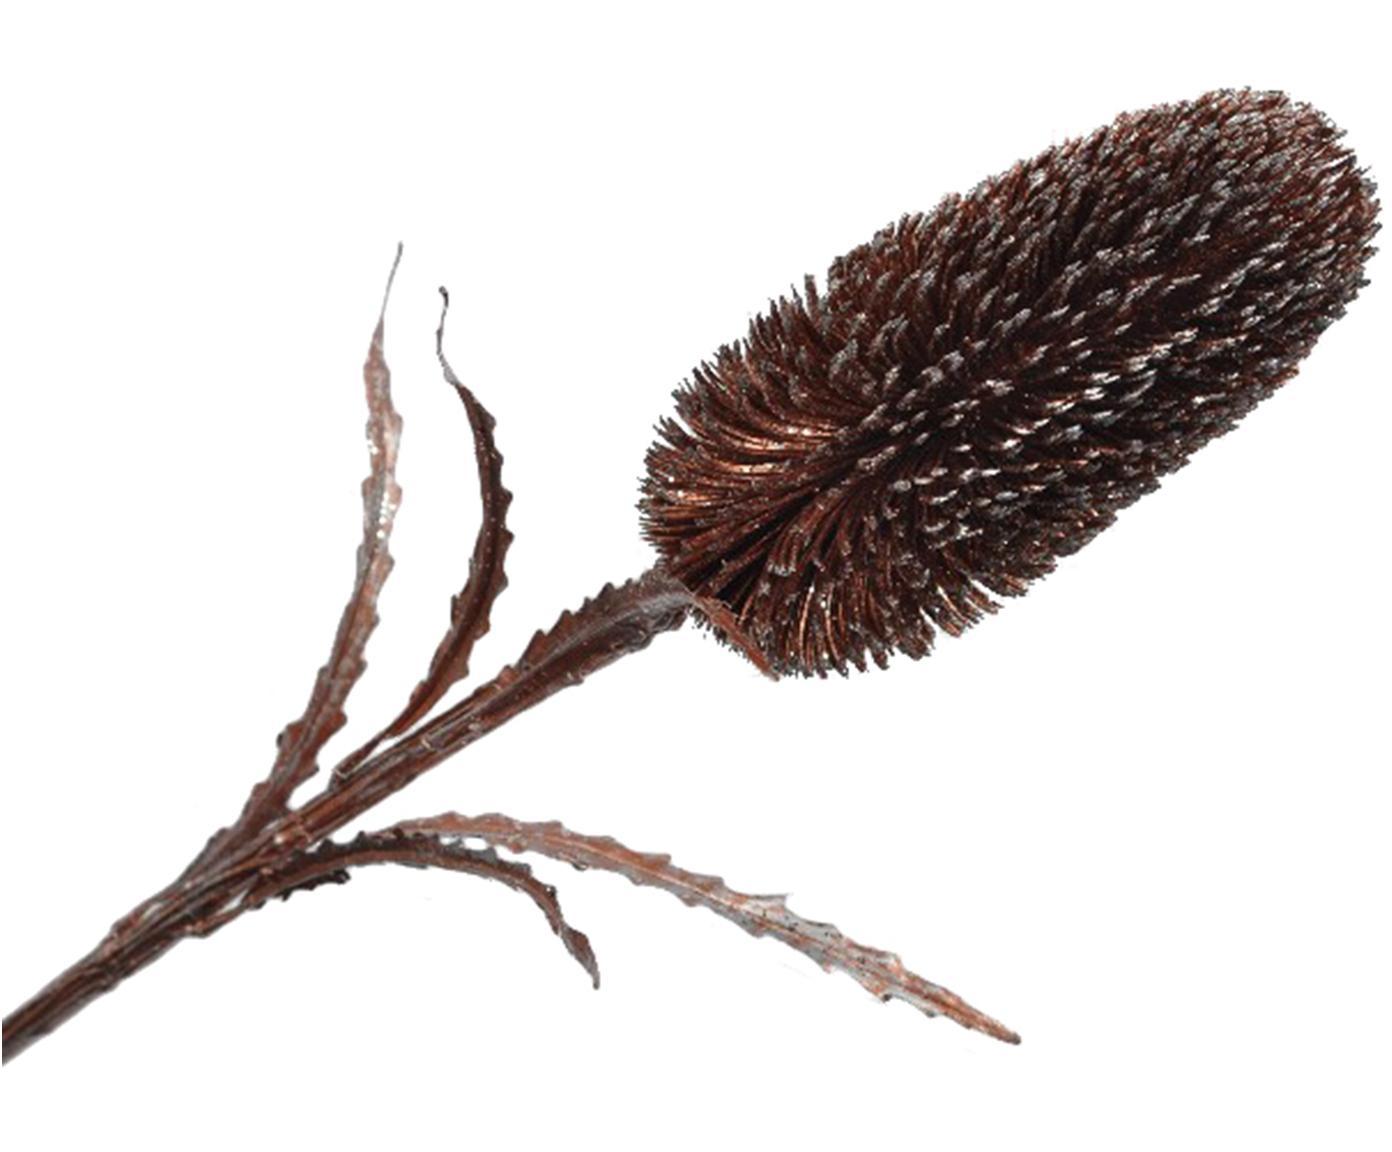 Fiore artificiale cespugli di zucchero Zena, Poliestere, polietilene, metallo, Marrone, argentato, Lung. 71 cm